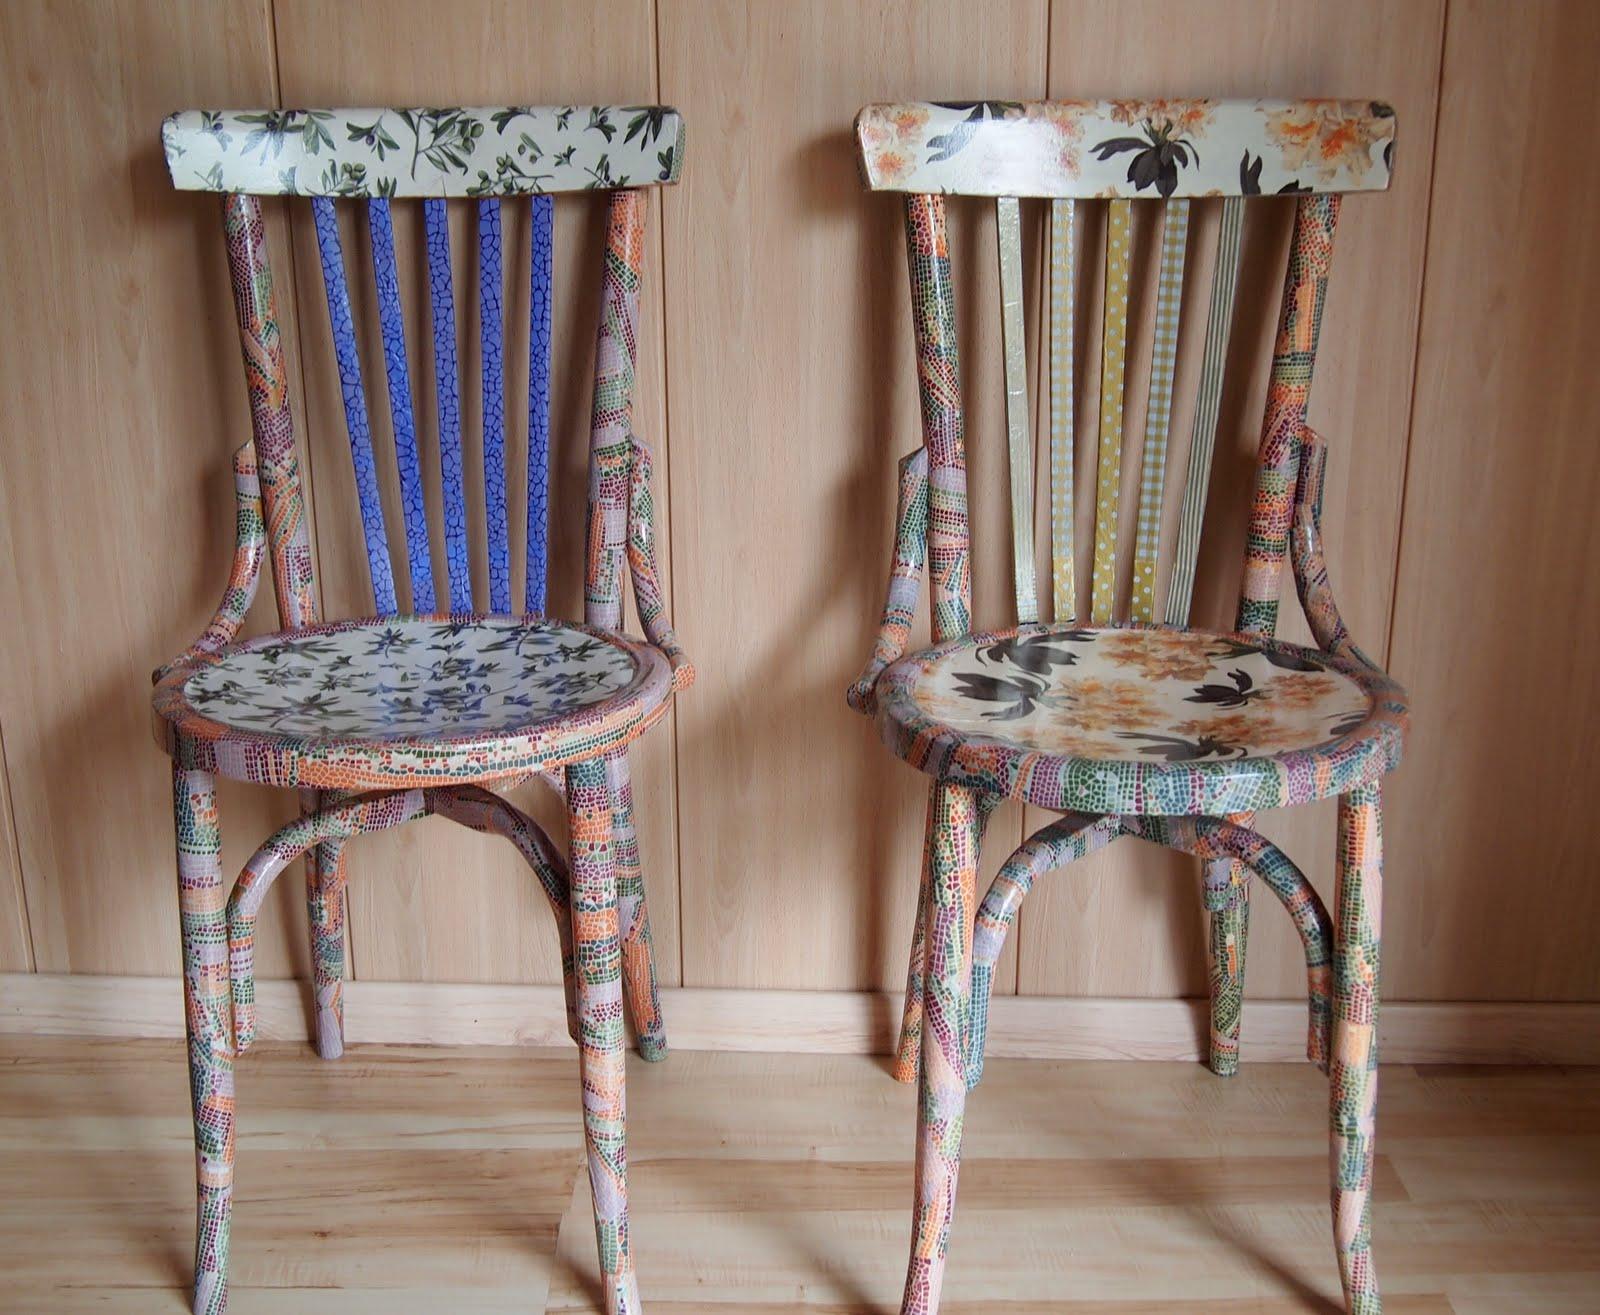 El placer del hacer sillas decoupage for Sillas de madera comodas